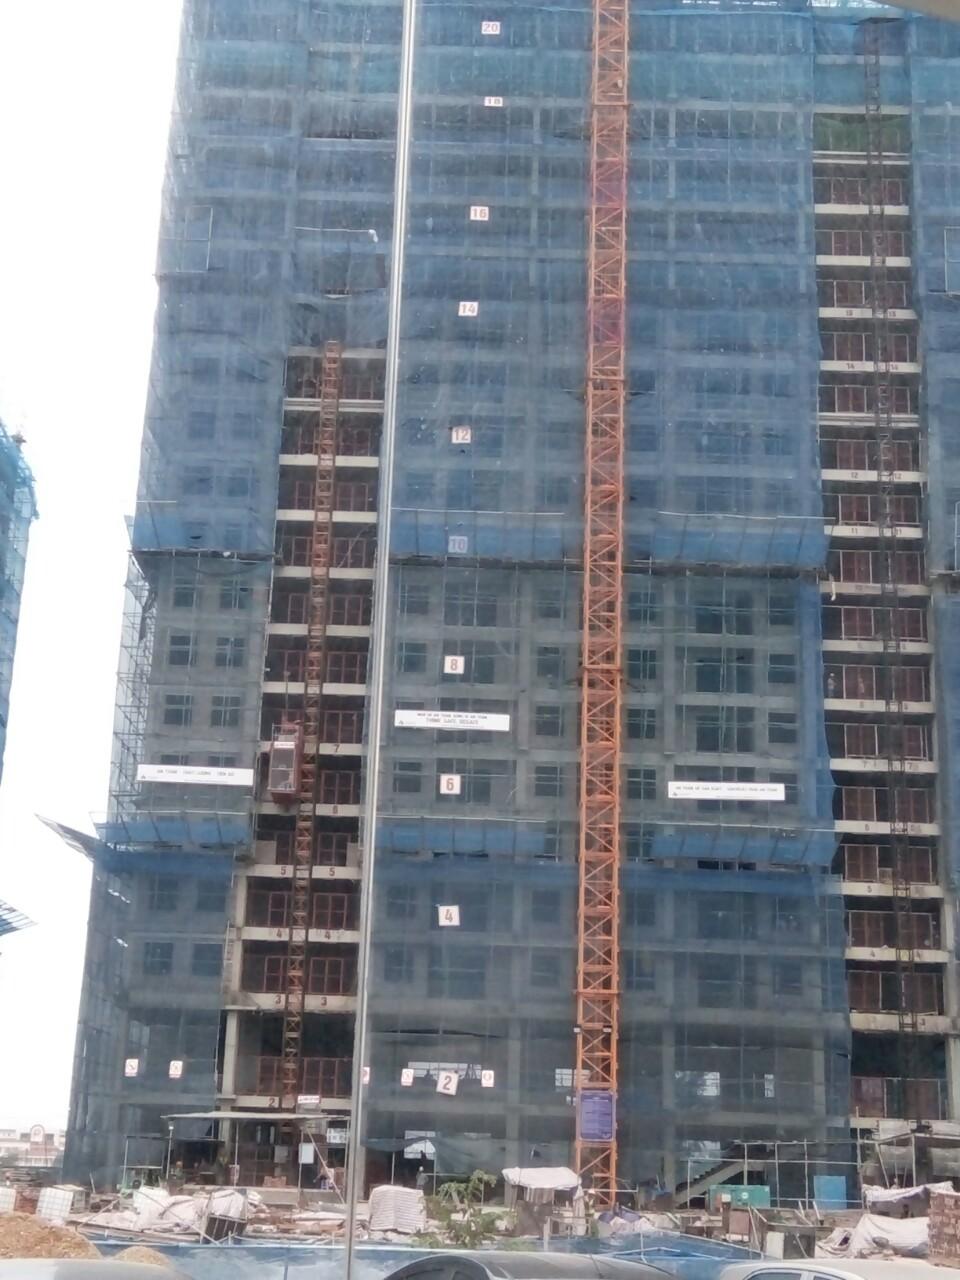 Tiến độ xây dựng tòa CT1A đã thi công tới tầng 22 chuẩn bị cất nóc